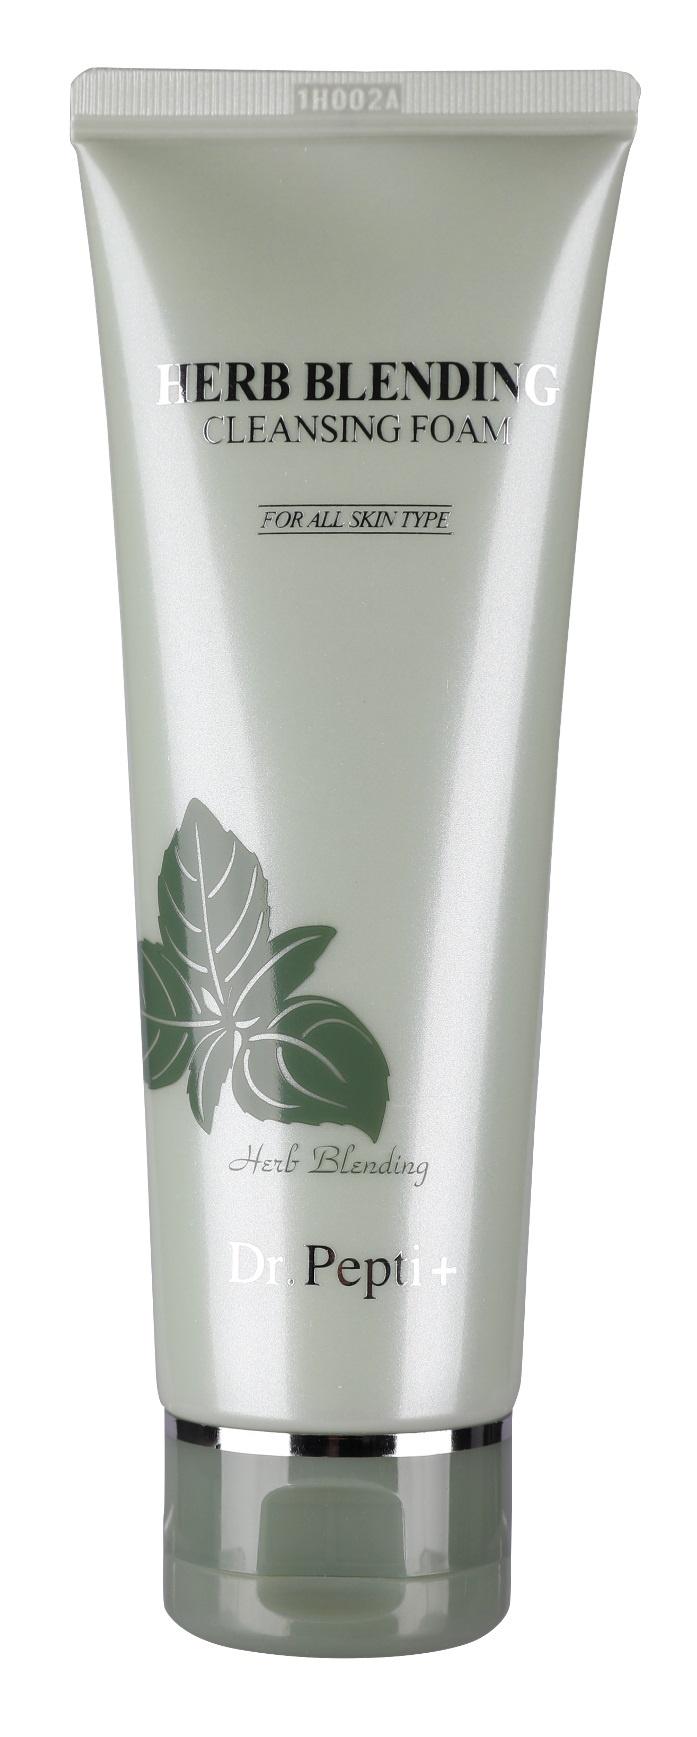 Пенка для умывания Dr. Pepti+ Очищающая   лица с лифтинг-эффектом, стимулирует выработку коллагена Herb Blending Cleansing Foam, 110 мл